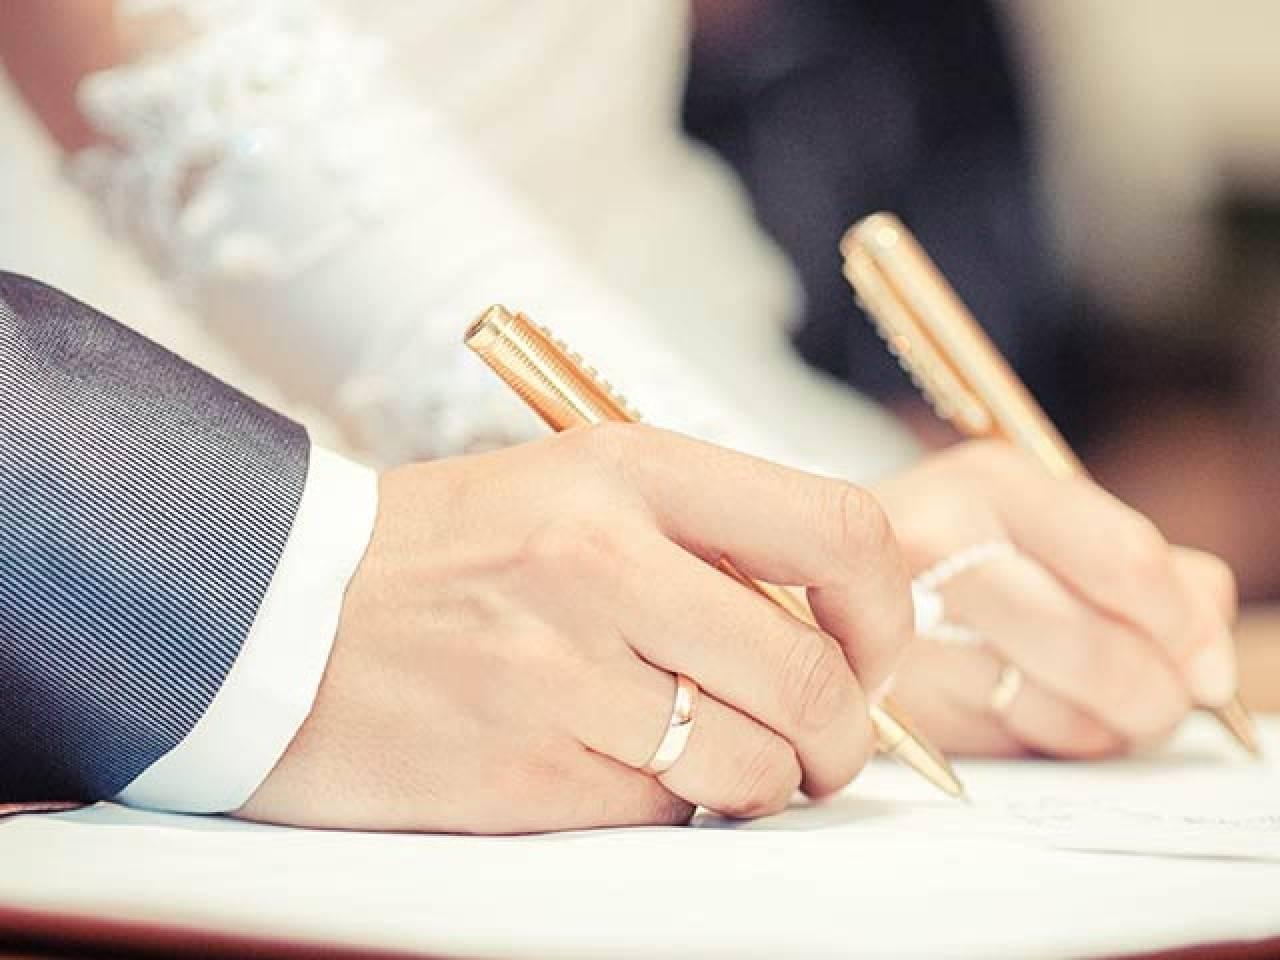 ازدواج اجباری؛ پیشنهاد یا بازتعریف ناهنجاری؟